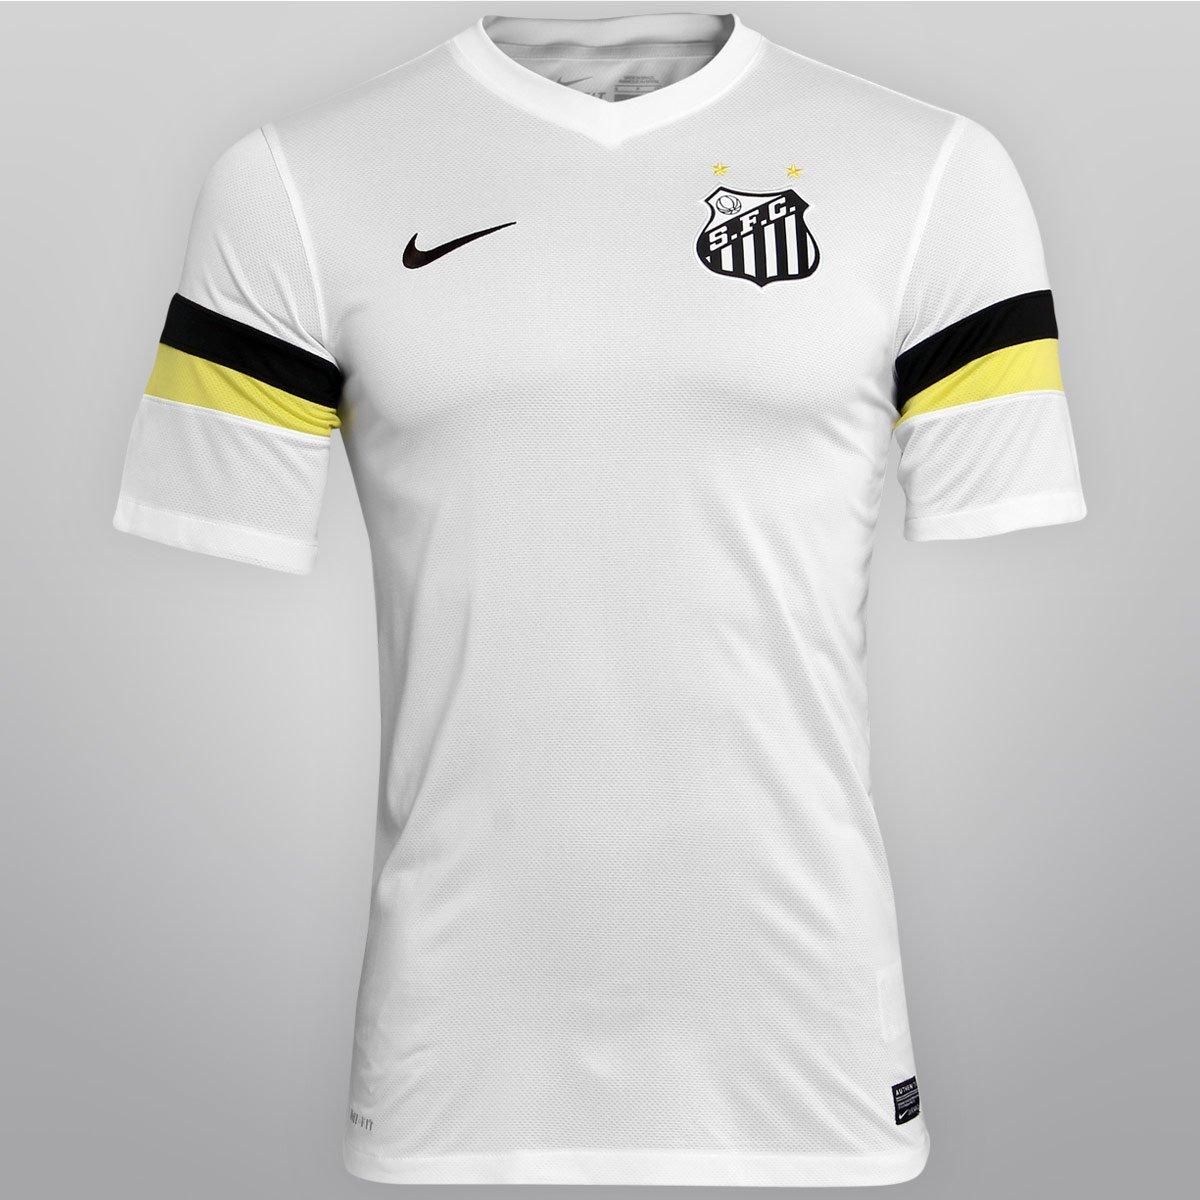 76da337799557 Camisa Santos I 13 14 s nº Torcedor Nike Masculina - Compre Agora ...